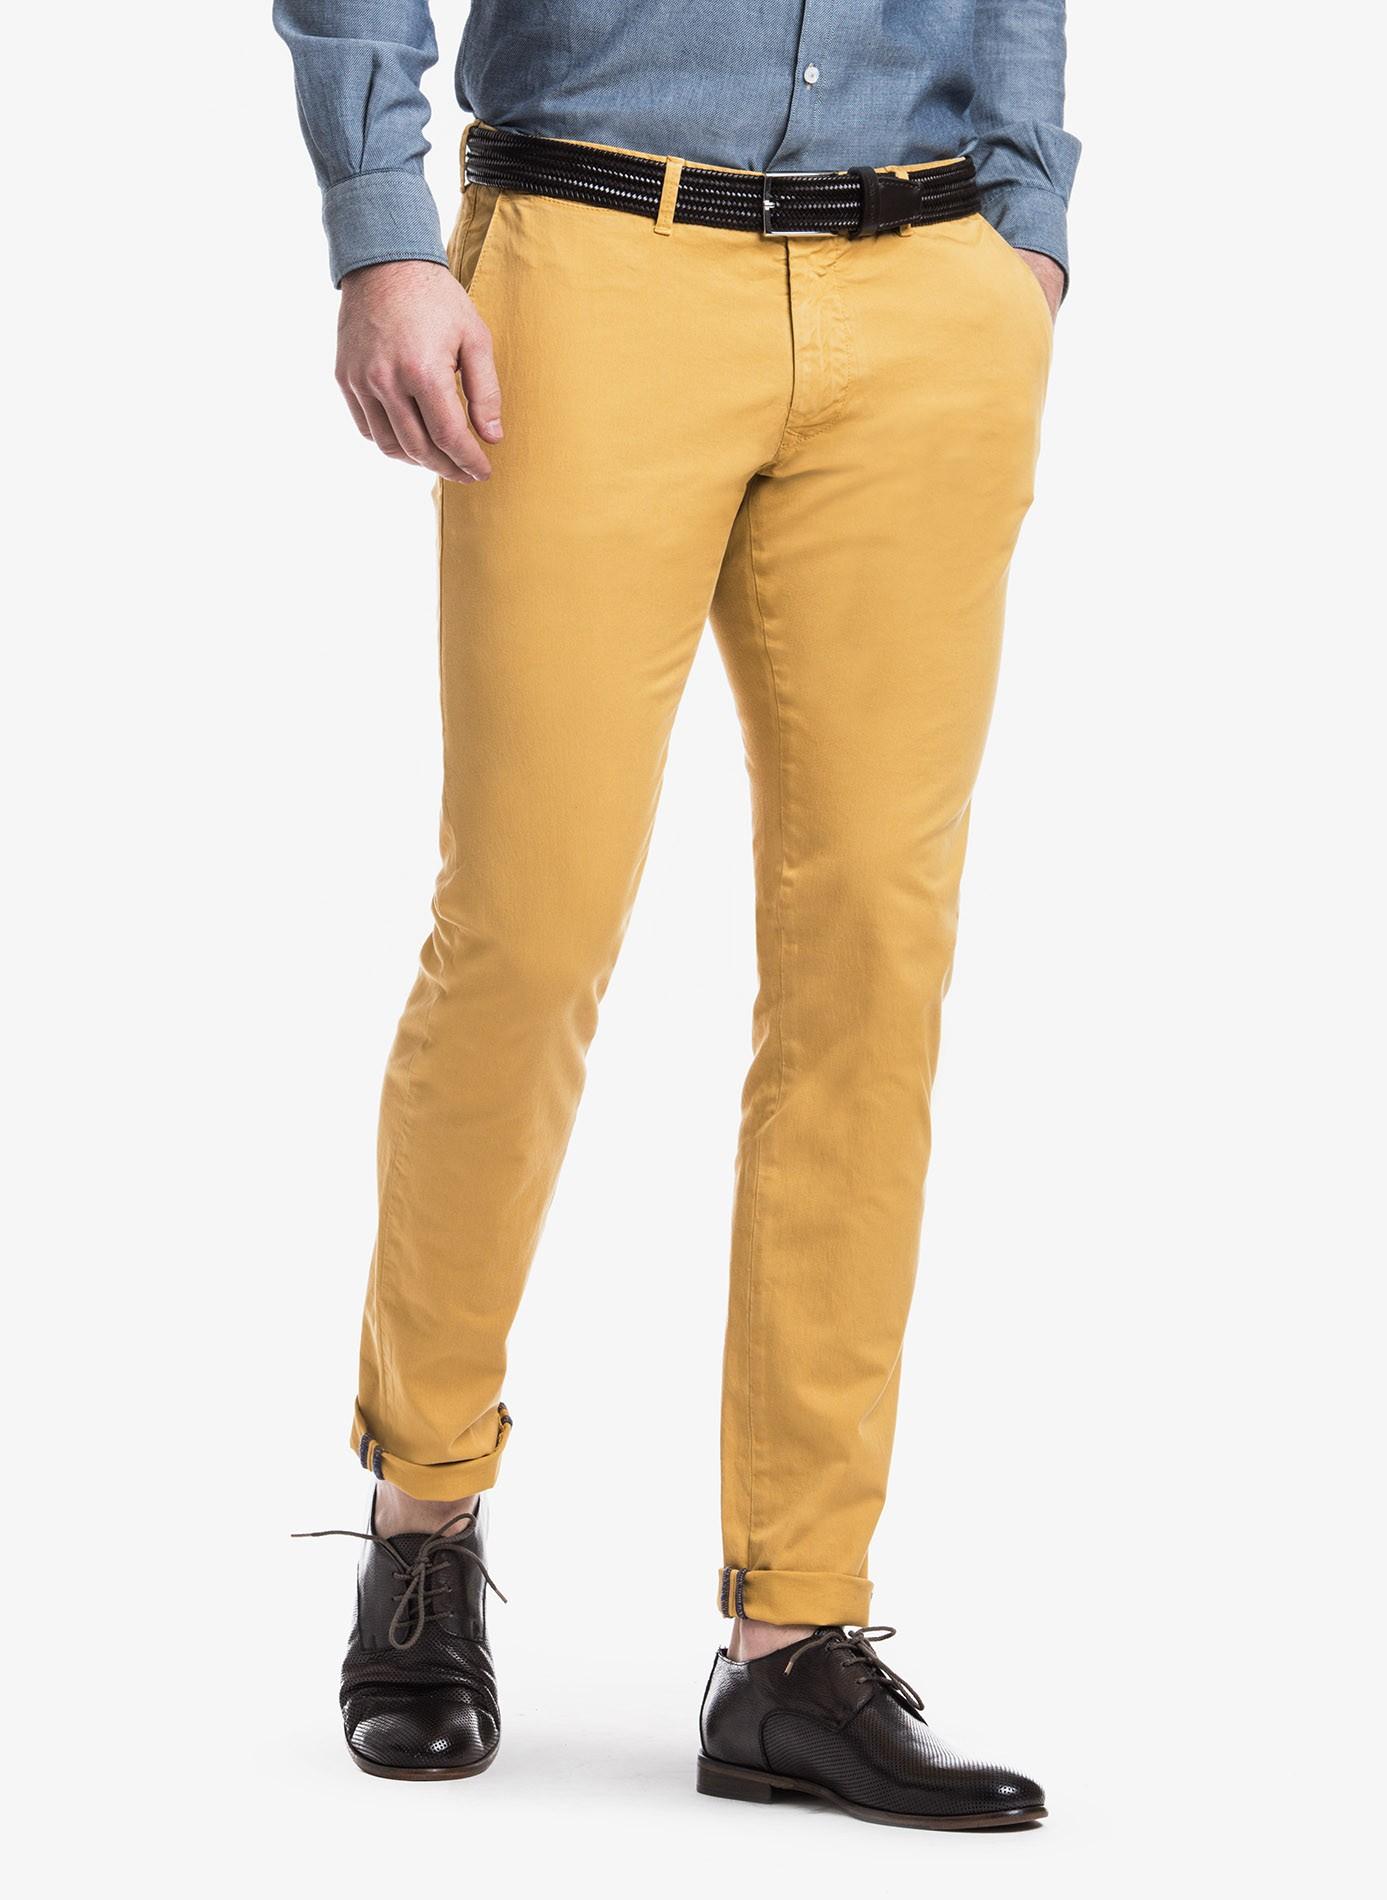 9ffa3e6ff73a43 Pantalone chinos uomo John Barritt, vestibilita slim, in cotone  elasticizzato tinto in capo. Composizione 98% cotone 2% elastomero. Ocra